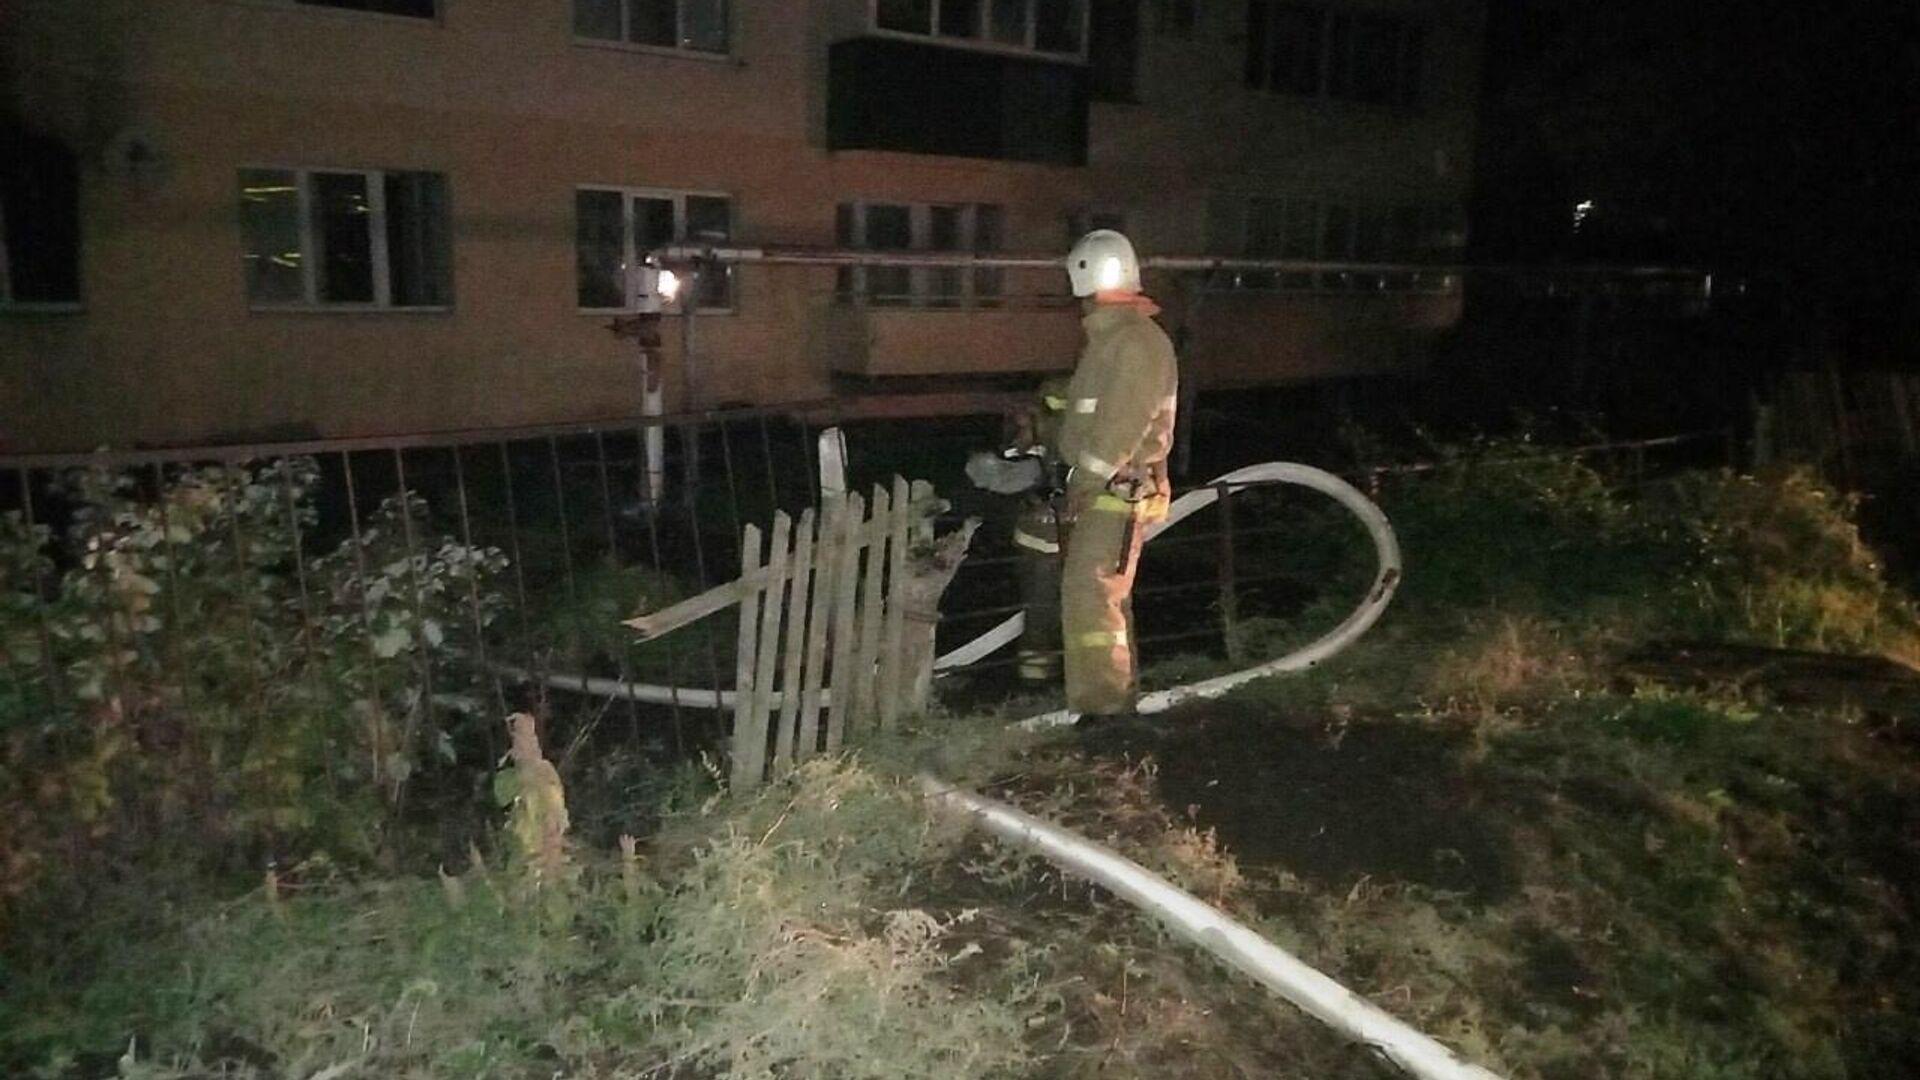 Названа предварительная причина пожара под Самарой, где погибли трое детей